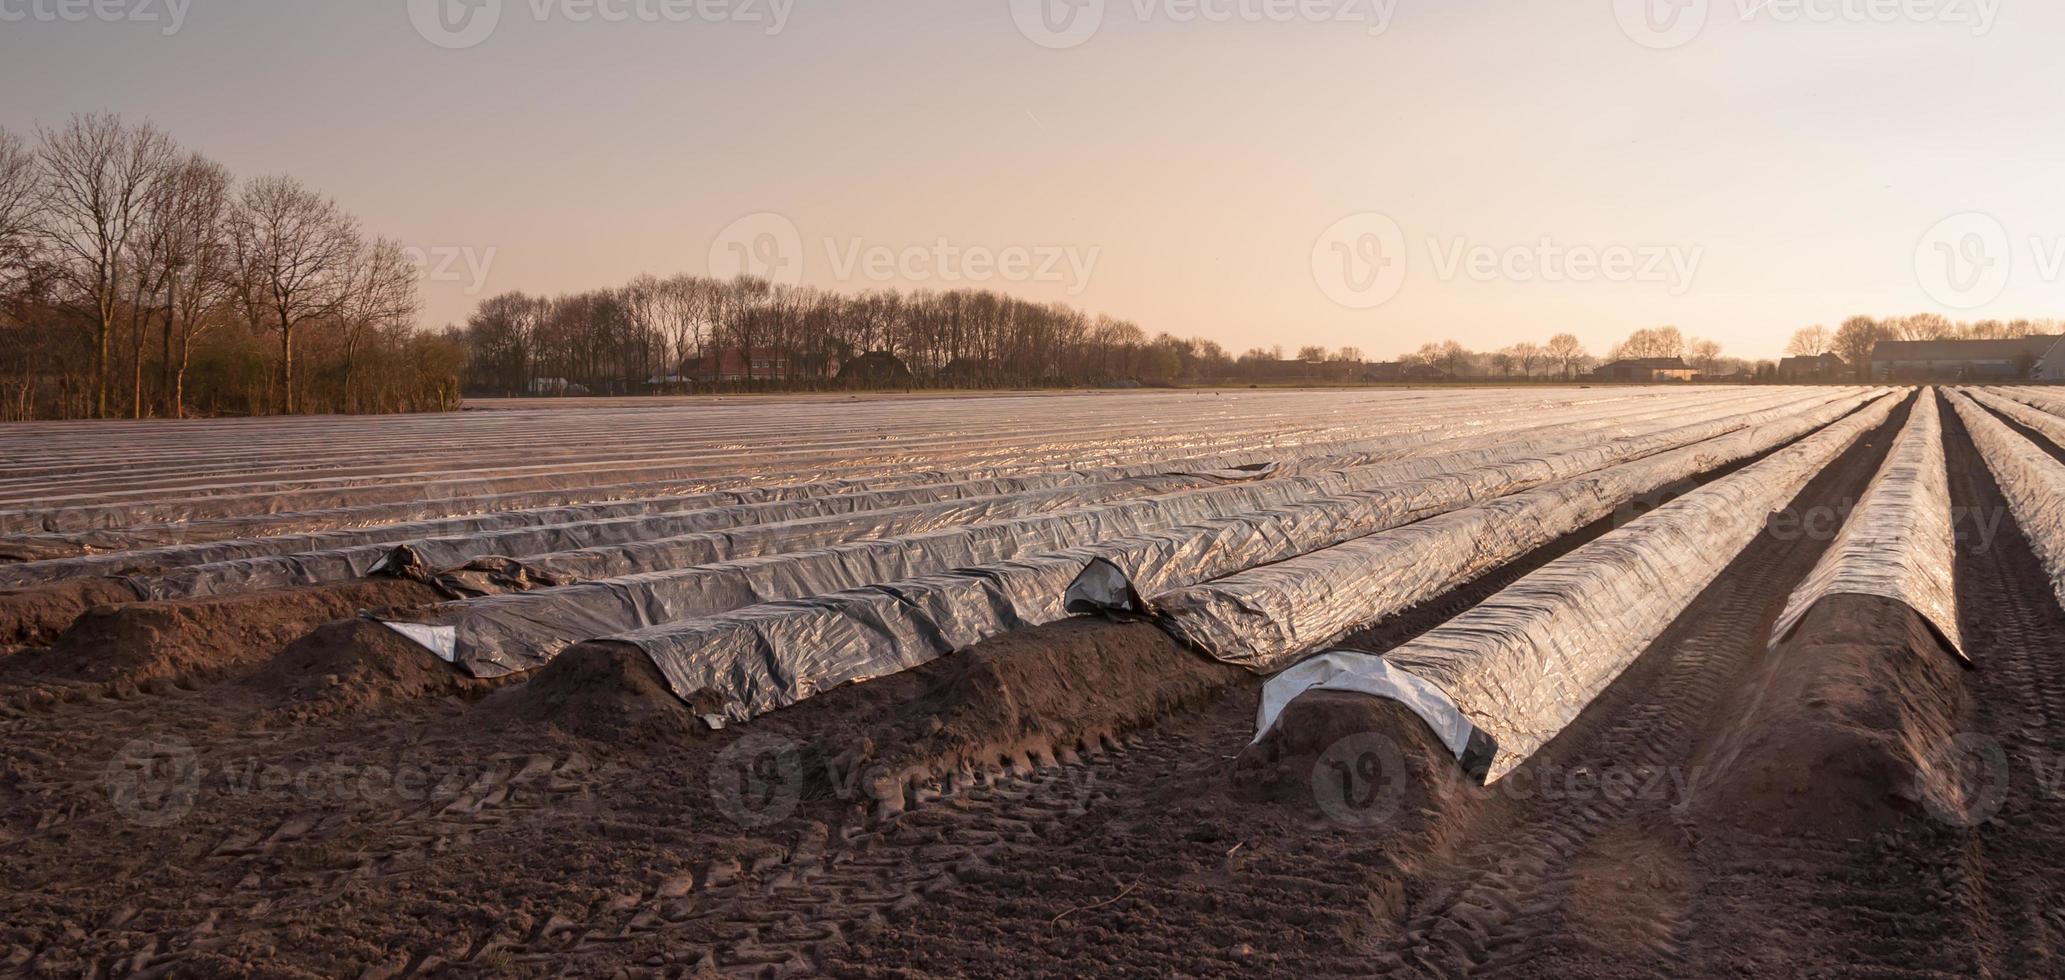 campo di asparagi alla luce del sole basso pomeriggio foto